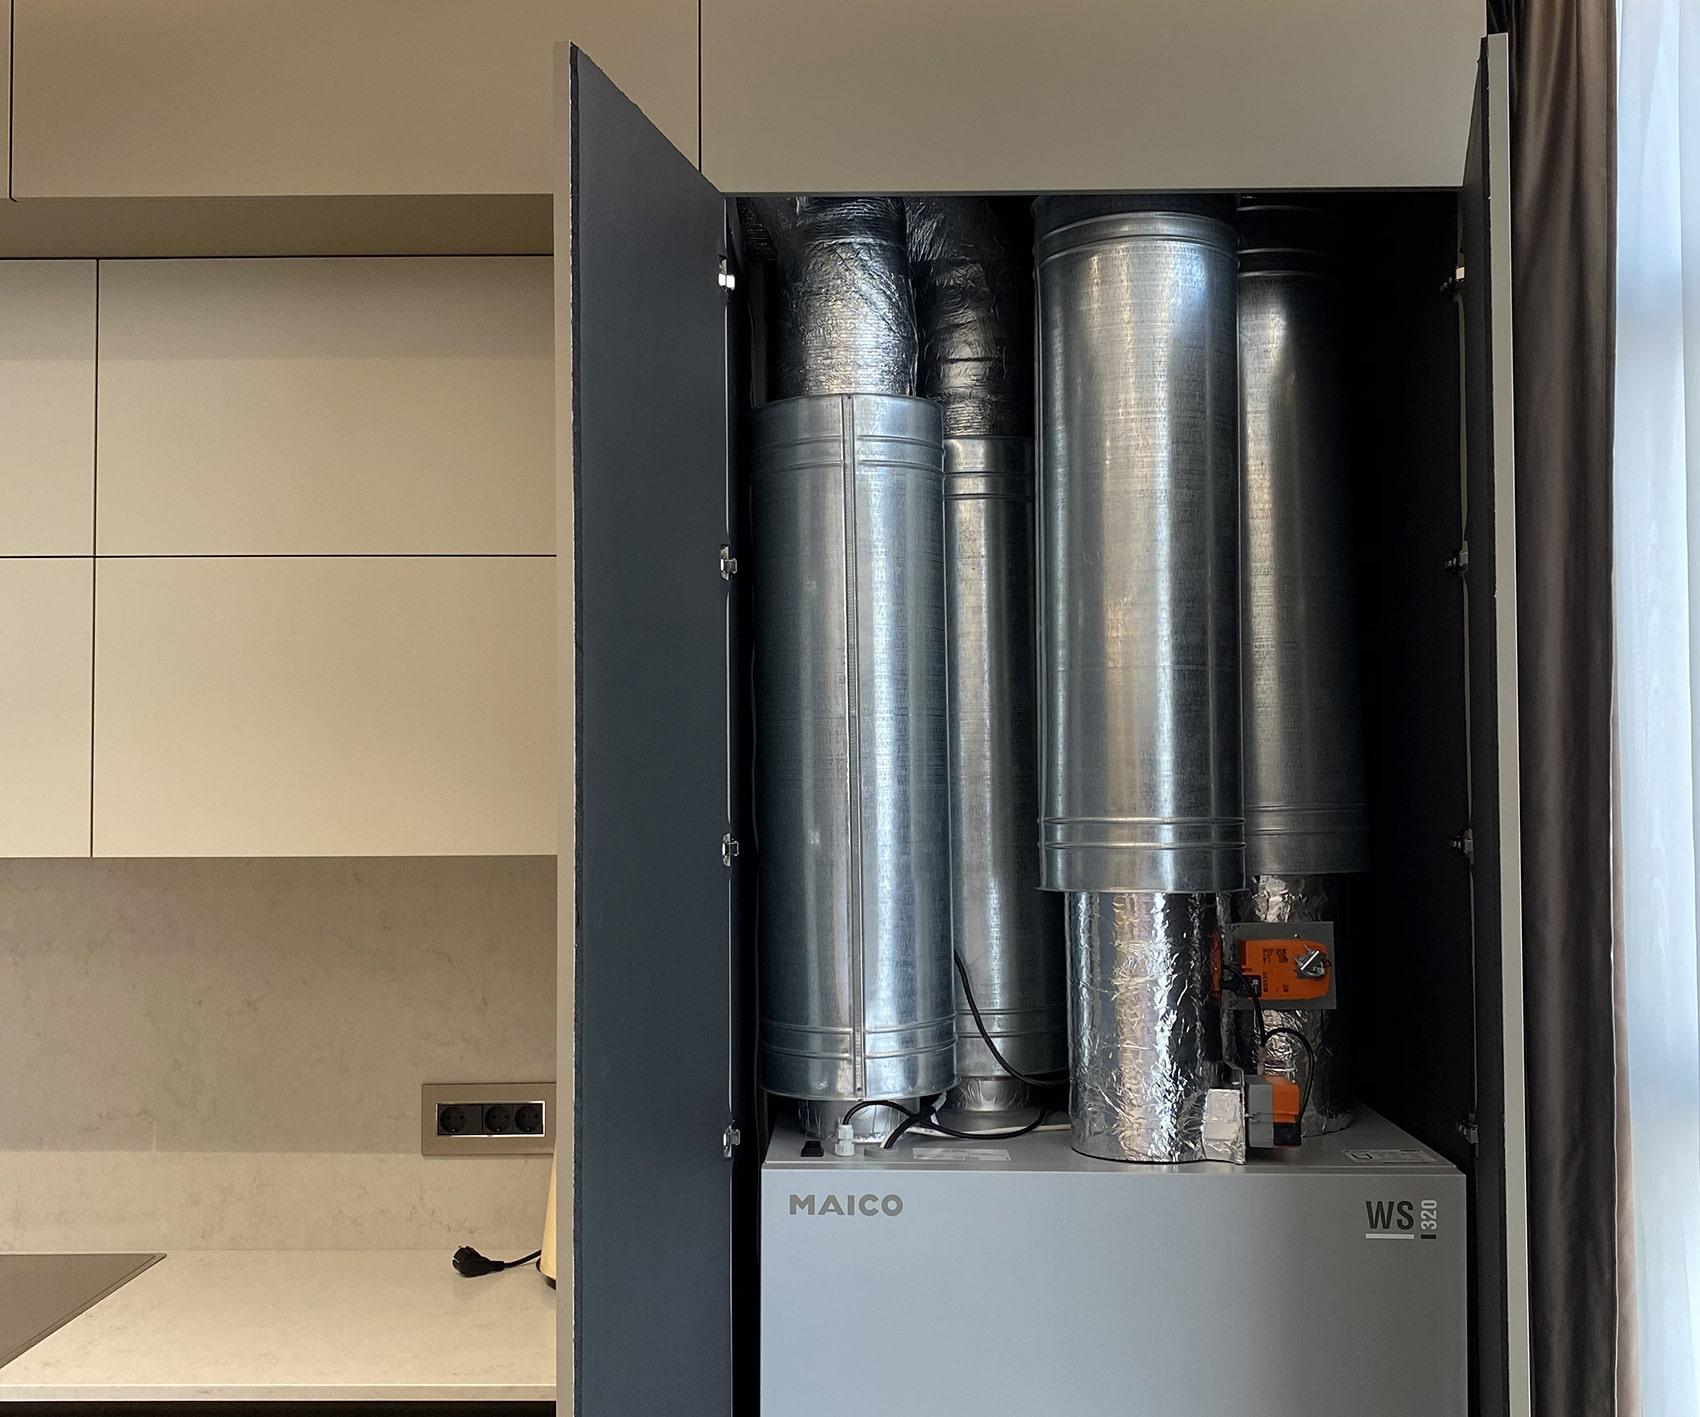 Приточно-вытяжная установка с рекуперацией тепла Maico WS 320